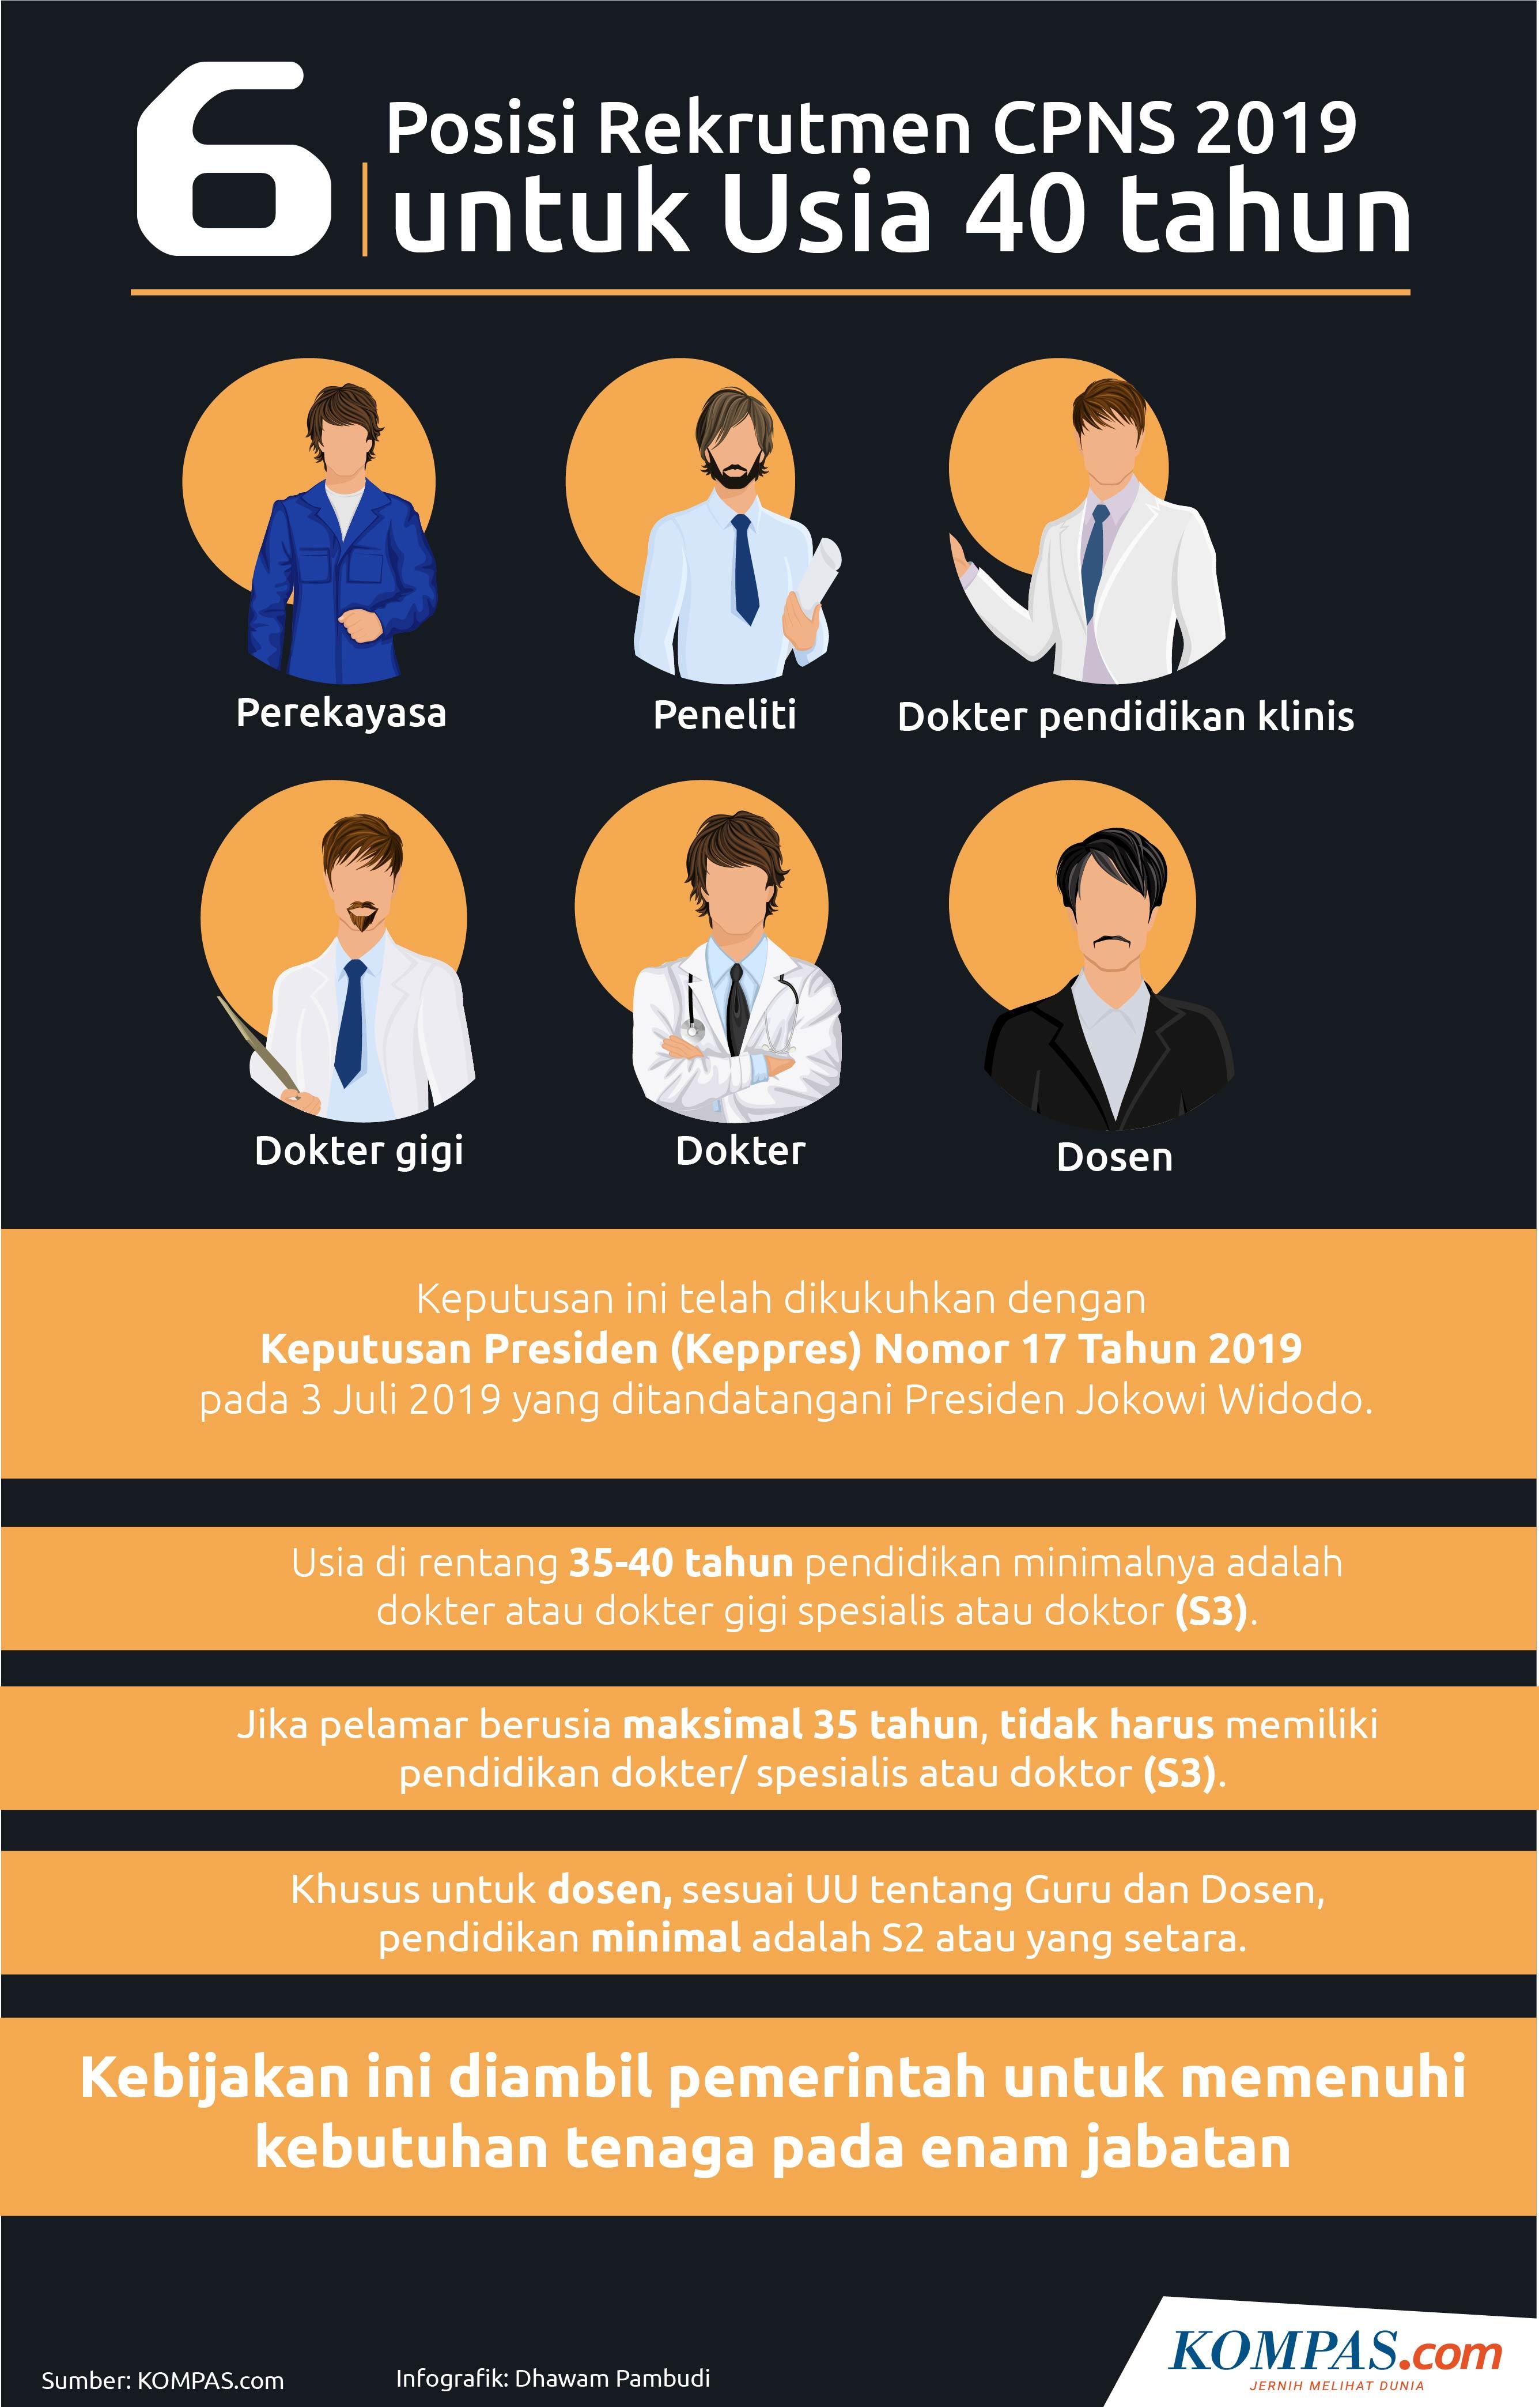 Infografik: 6 Rekrutmen CPNS 2019 untuk Usia 40 Tahun (KOMPAS.com/Dhawam Pambudi)